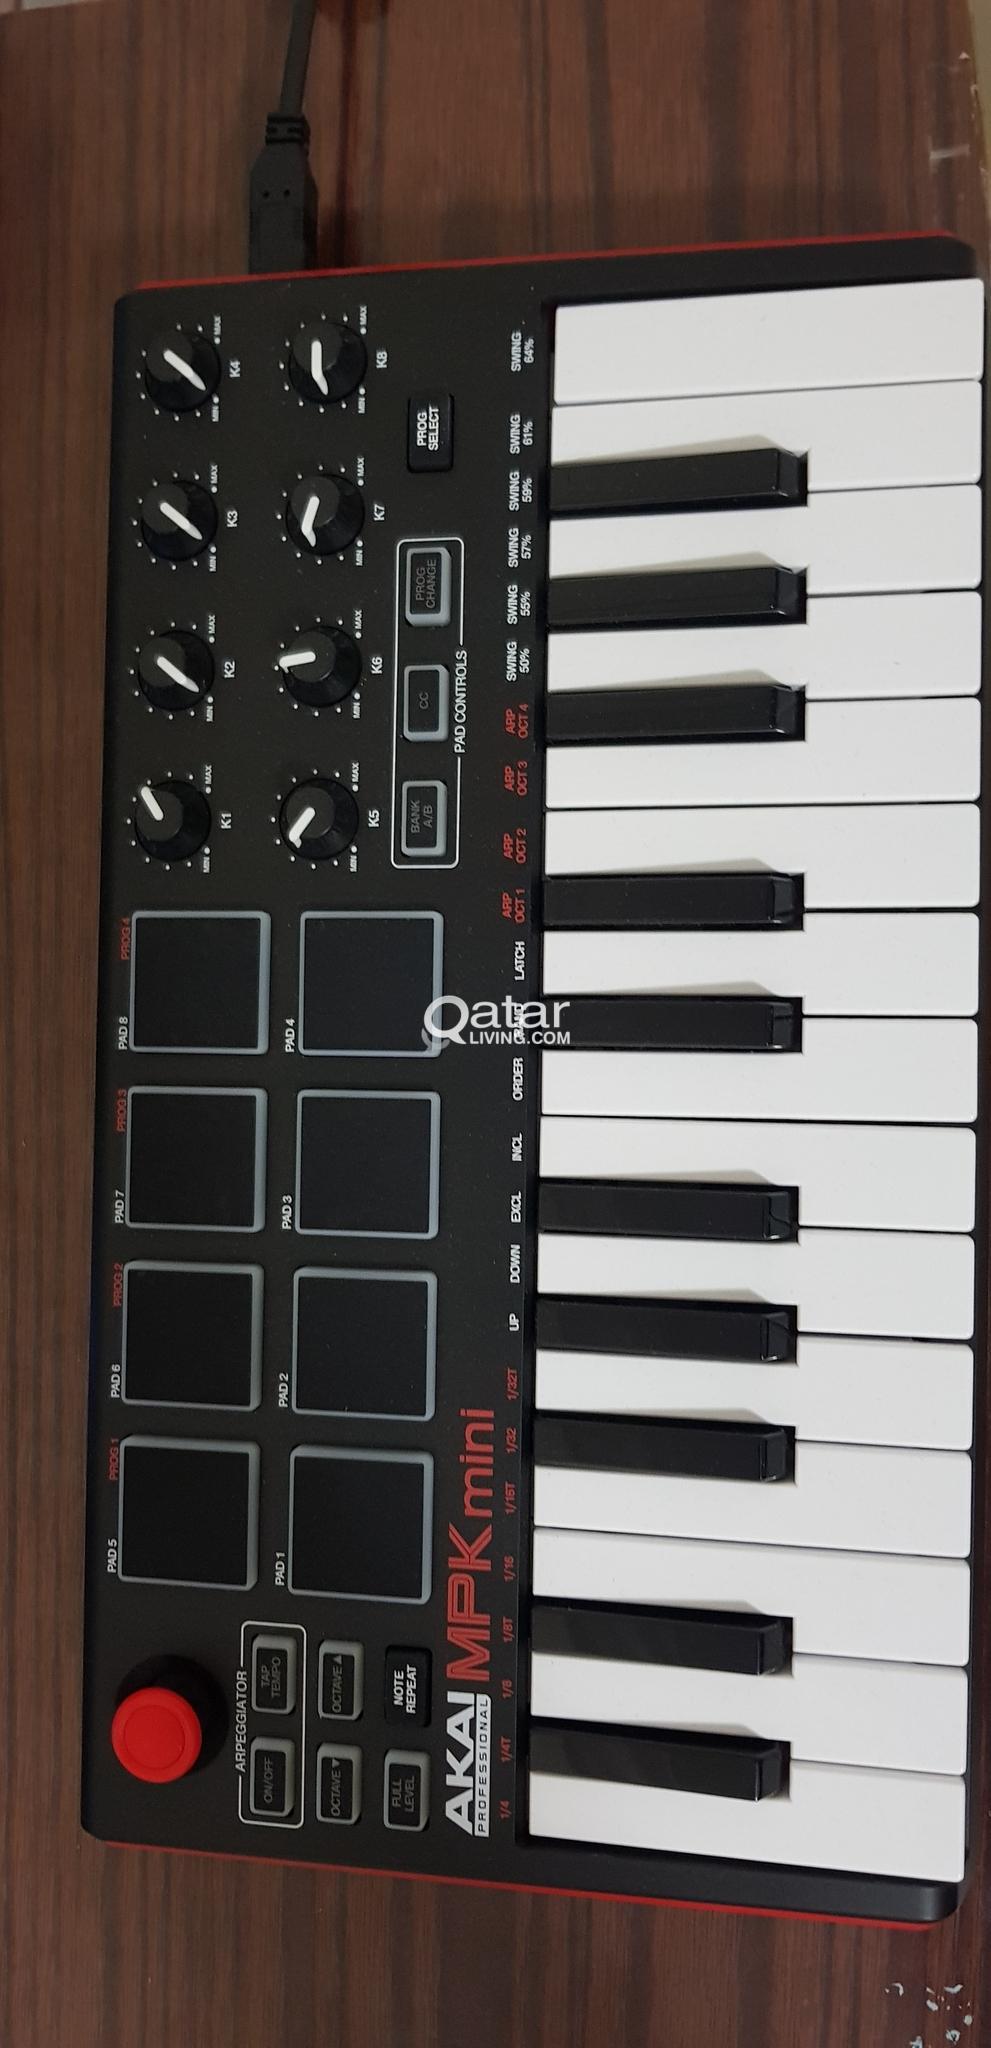 Akai Professional MPK Mini MKII - USB MIDI keyboard | Qatar Living